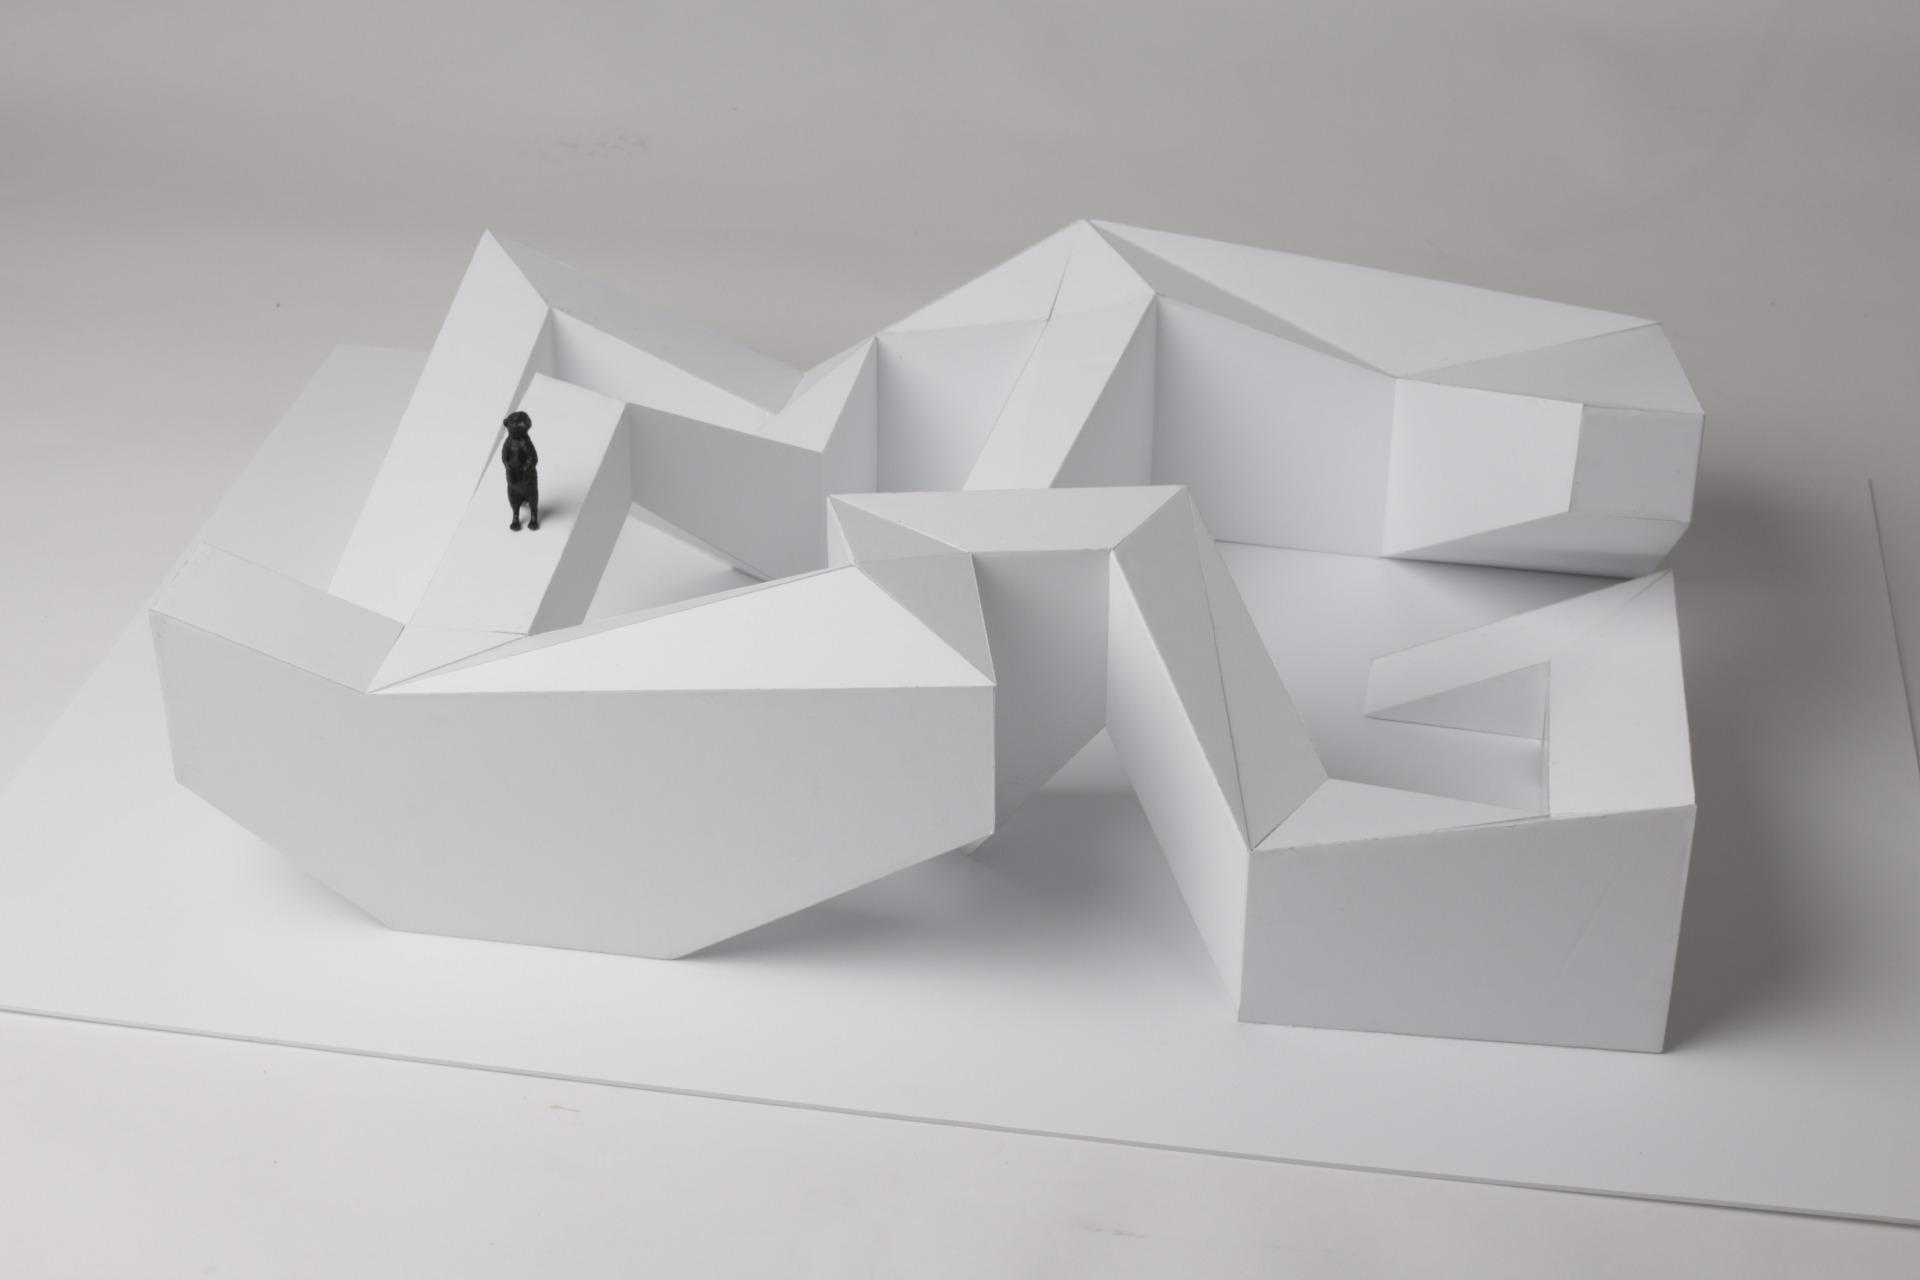 Maquete branca com um suricata de brincar preto